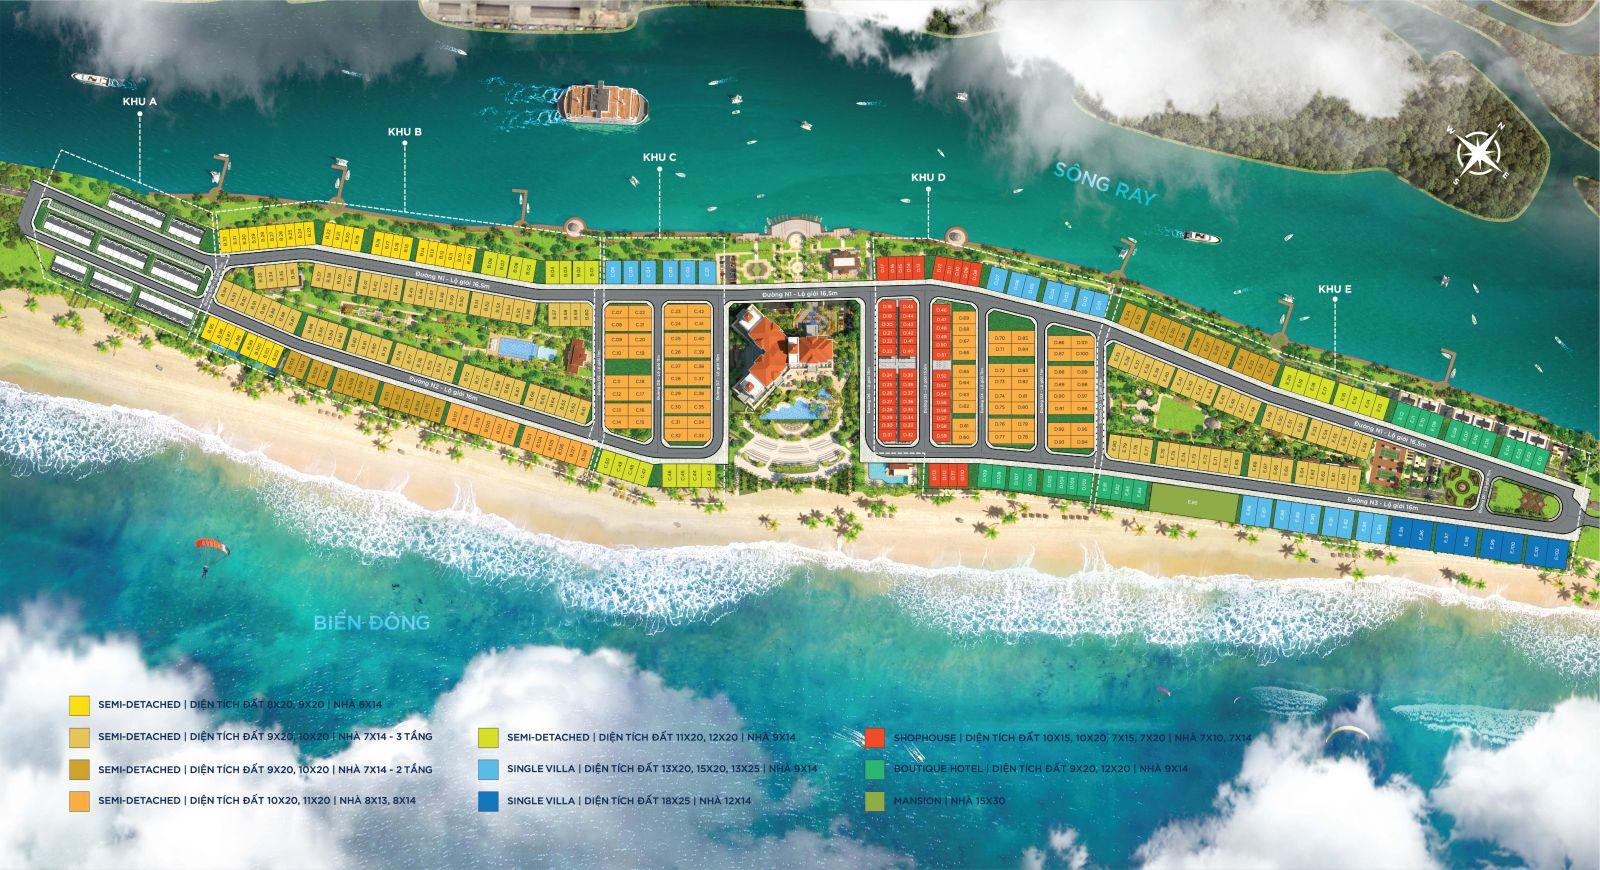 mat bang habana island novaworld ho tram